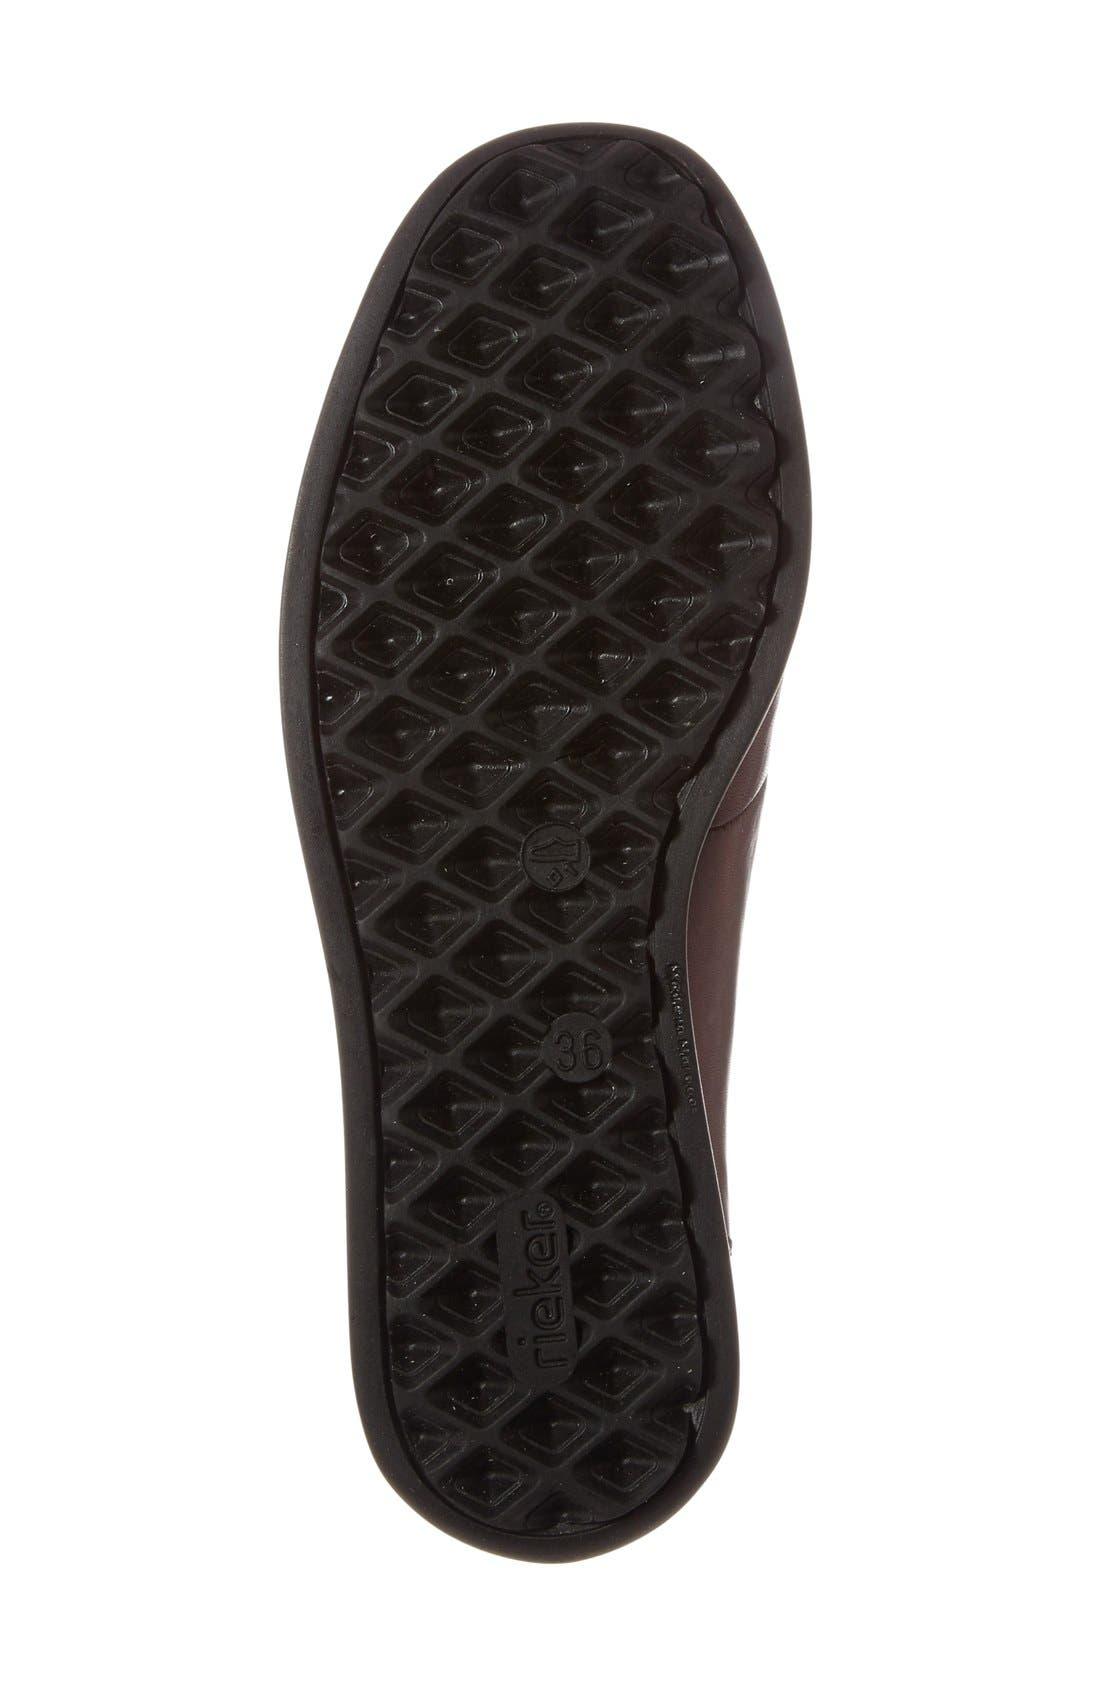 'Daphne' Wedge,                             Alternate thumbnail 4, color,                             Bordeaux Leather